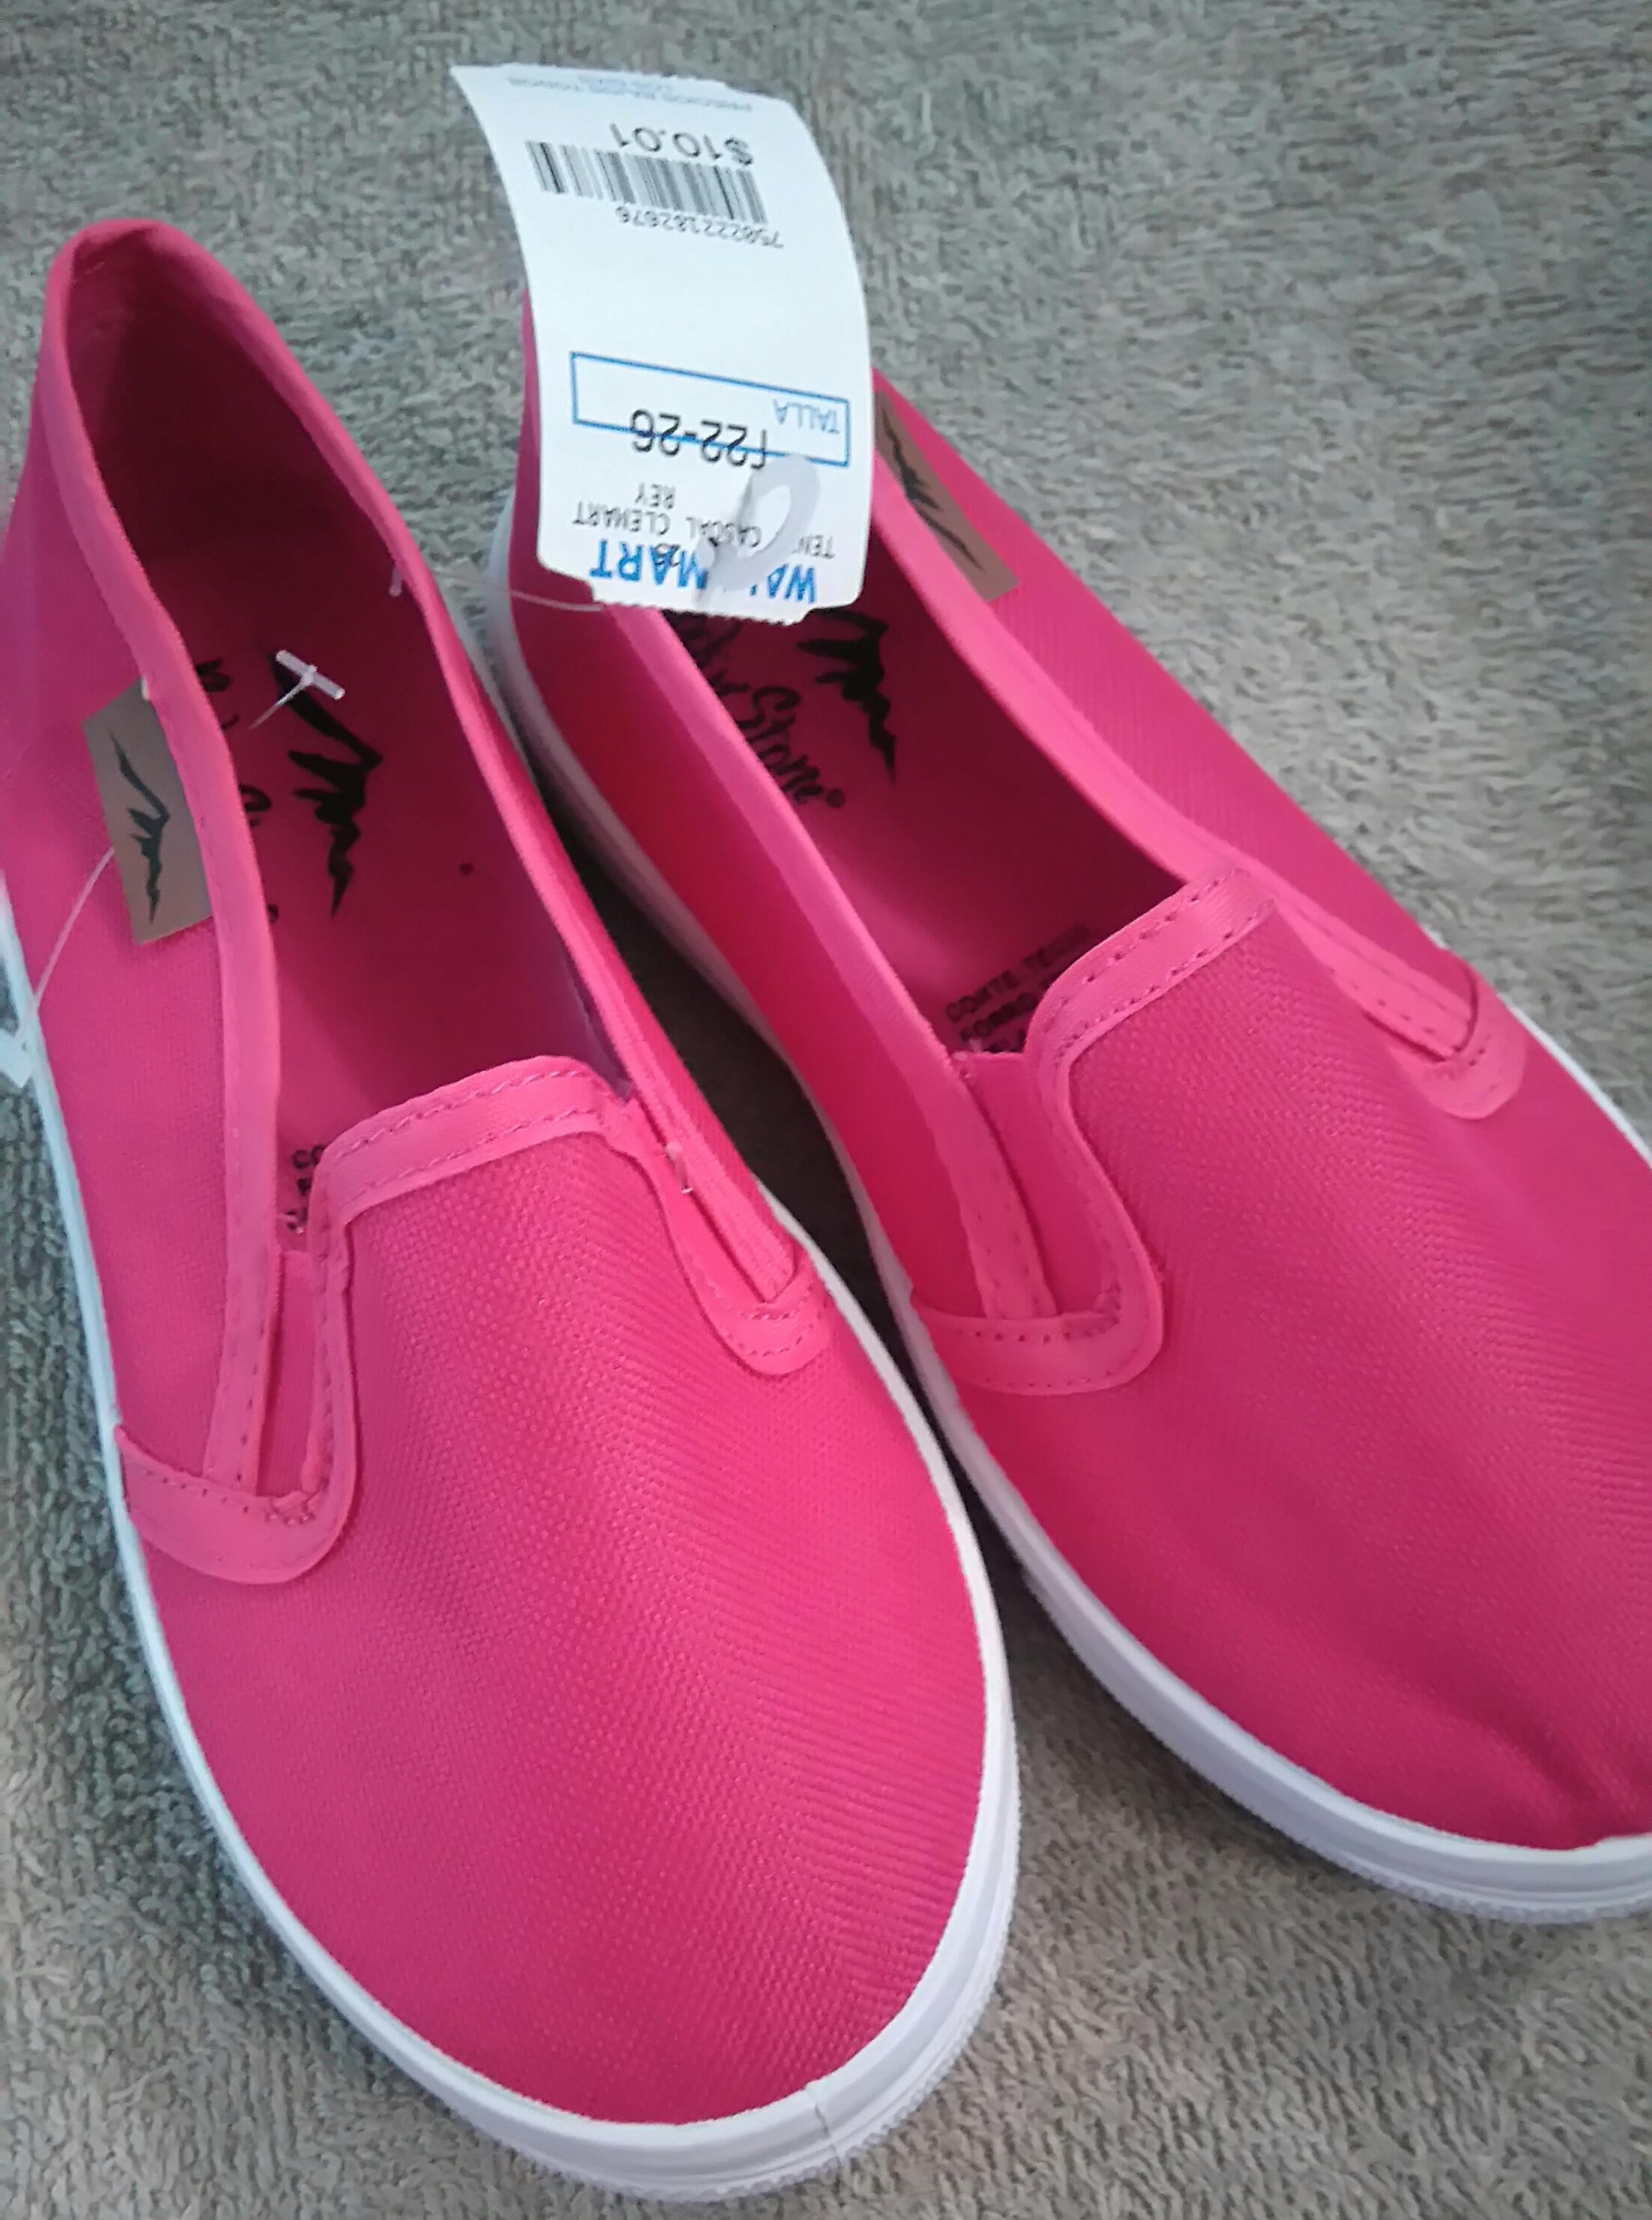 Bodega Aurrerá: Zapato para niña de $98 a $10.01